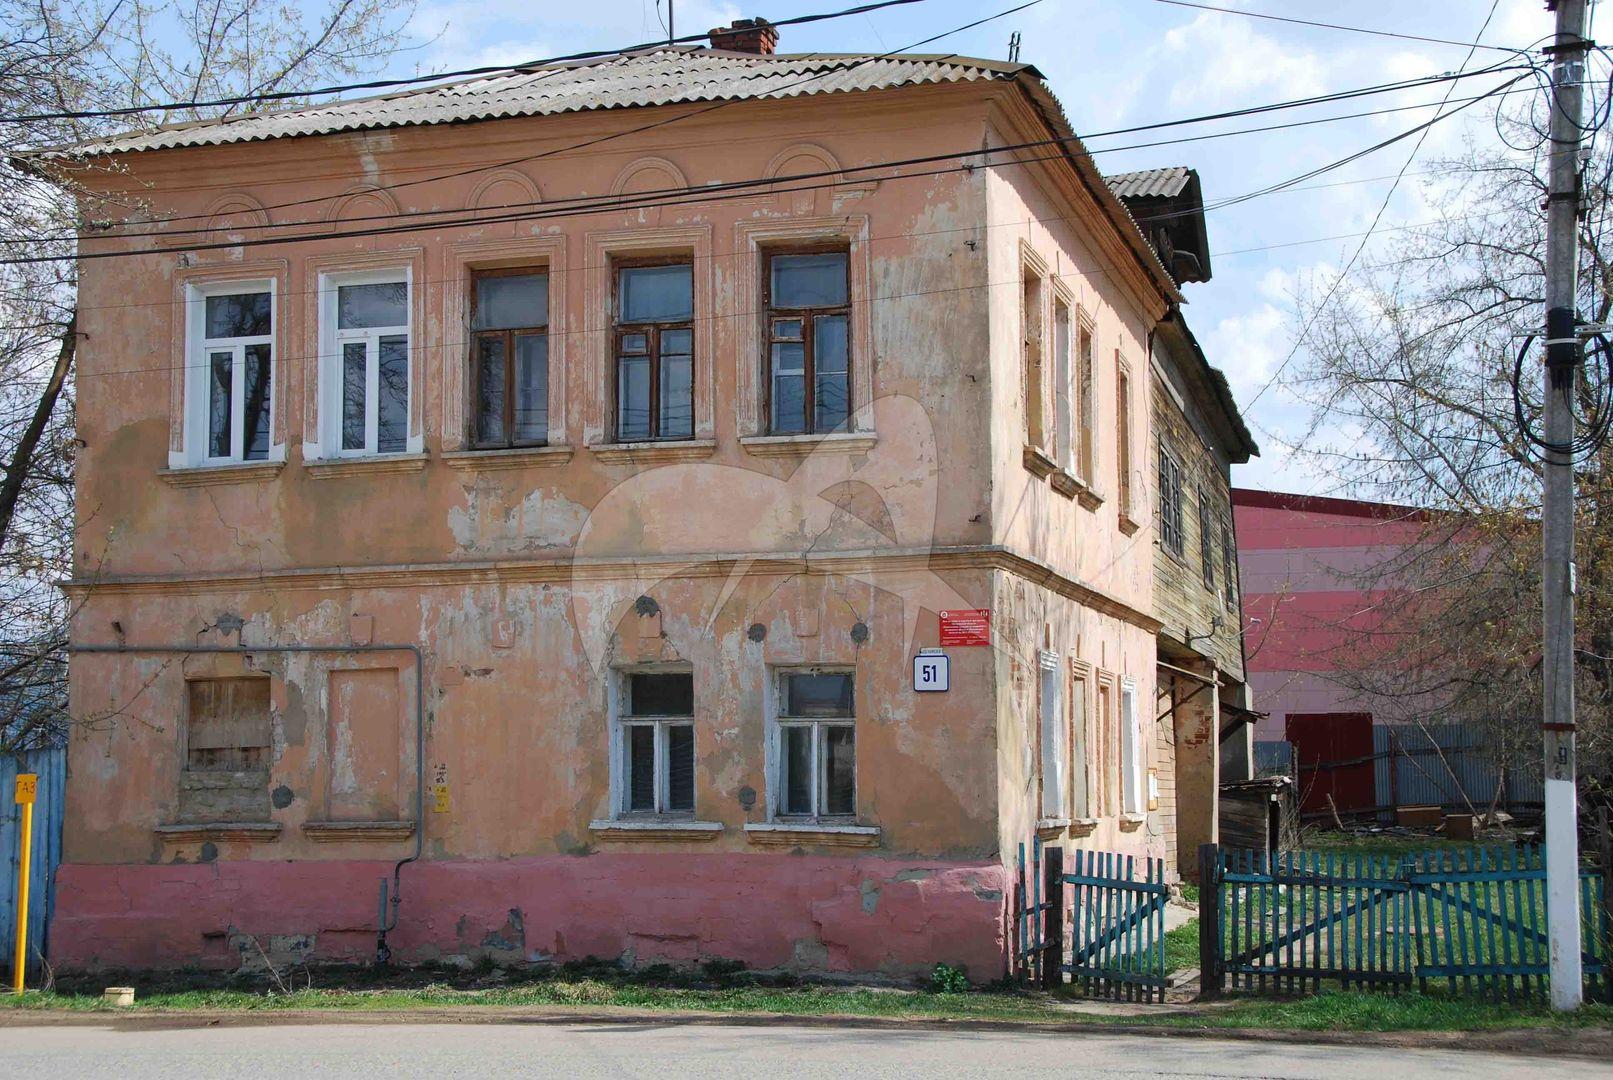 Дом жилой, перваяполовина XIX в., втораяполовина XIX в.